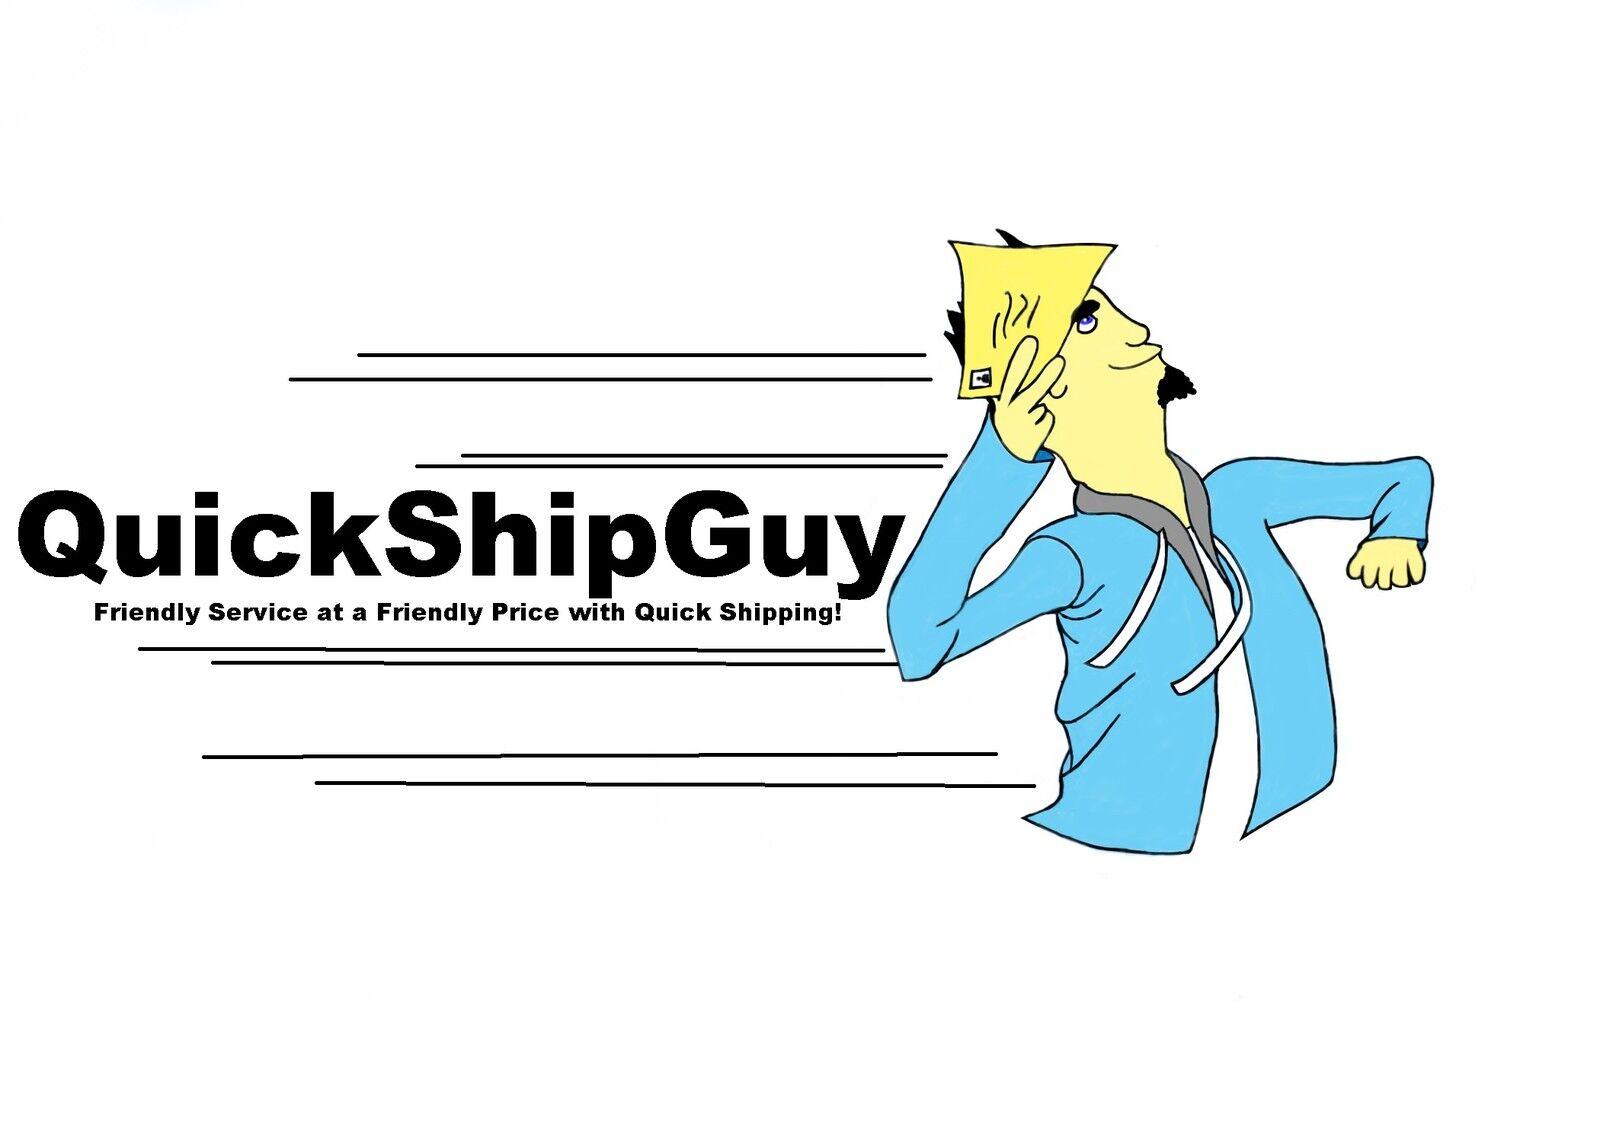 QuickShipGuy